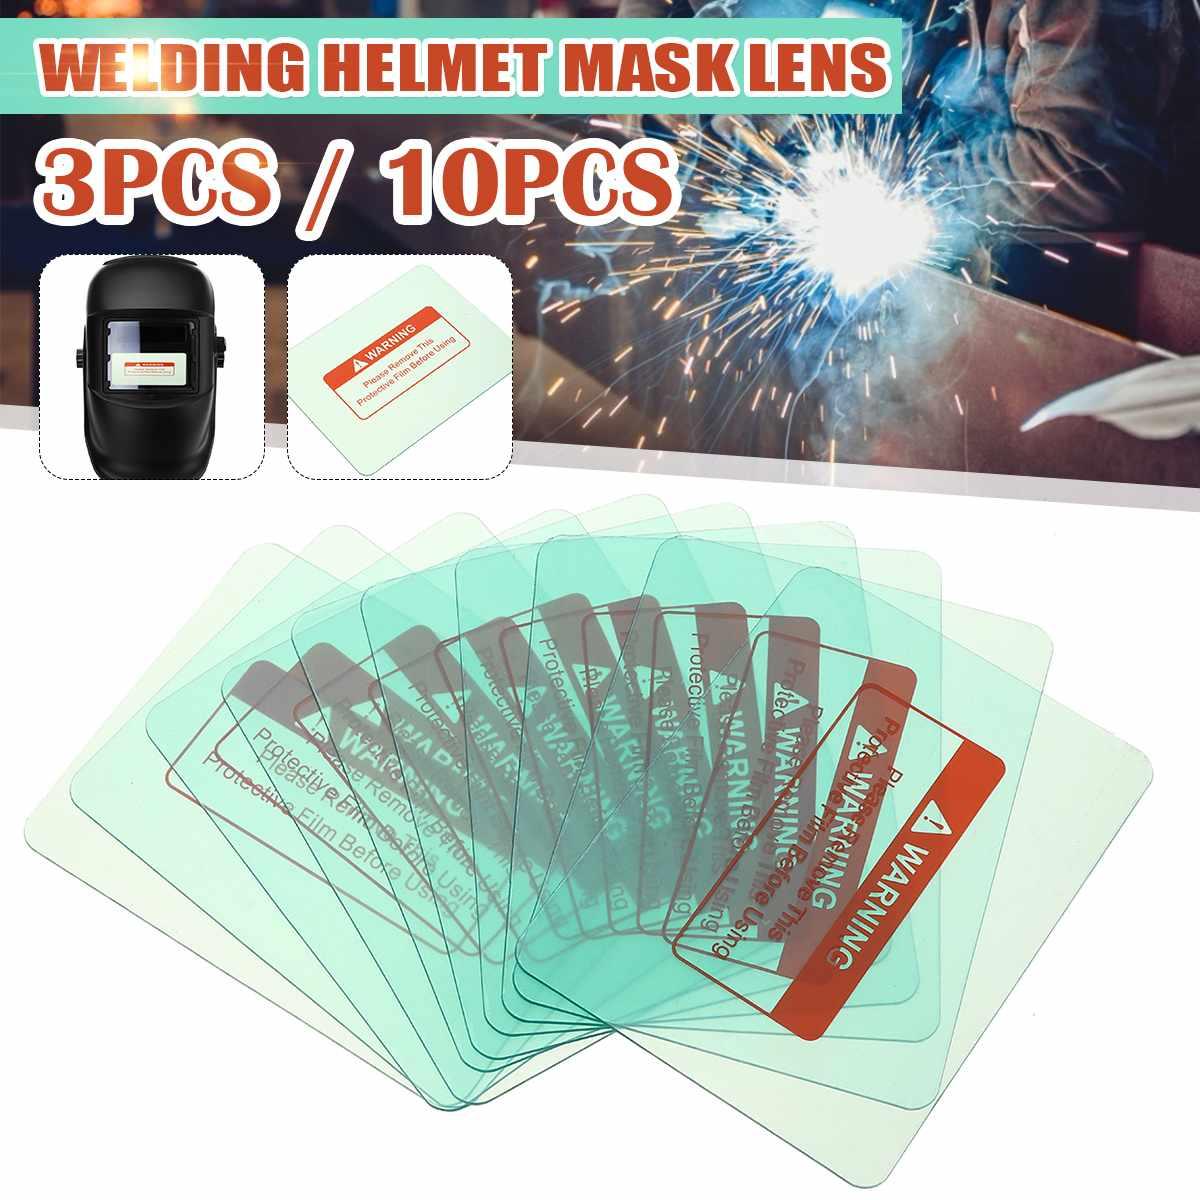 3pcs/10pcs 116 X 90mm Outside Protective Plastic Cover Transparent Welding Helmet Glass Plate Lens For Darkening Helmet Welding